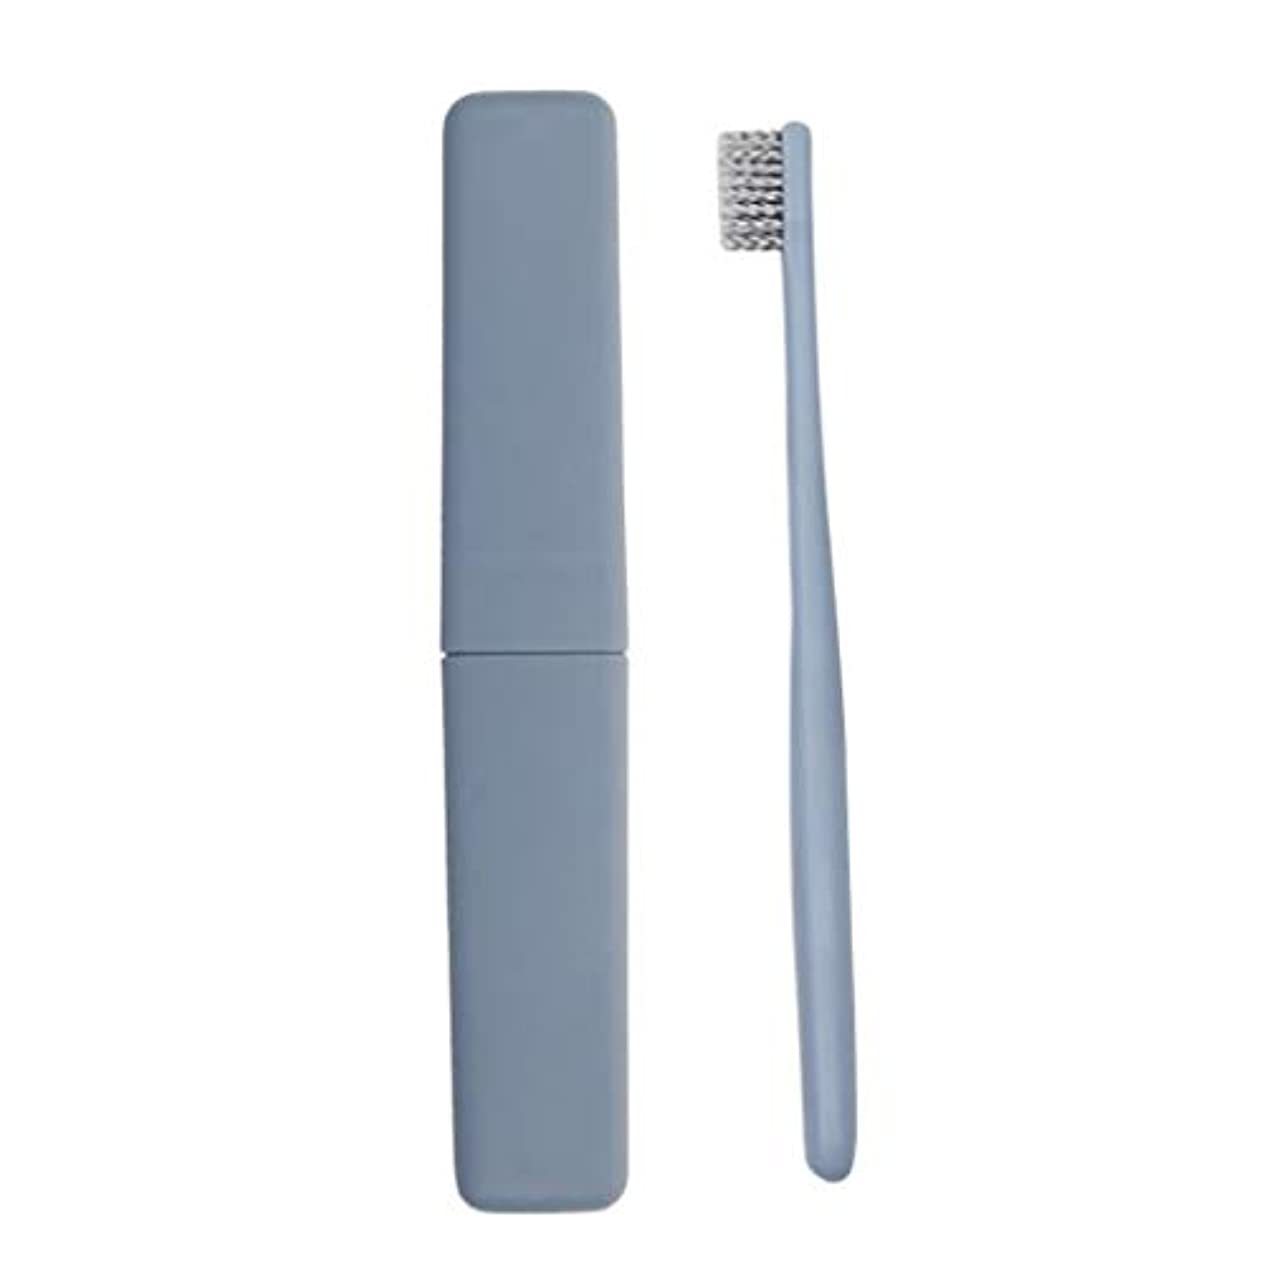 十分にペフミュージカル12パック手動歯ブラシソフトアダルトディープクリーニング歯ブラシカバー旅行ポータブル使い捨て歯ブラシ (色 : 青)